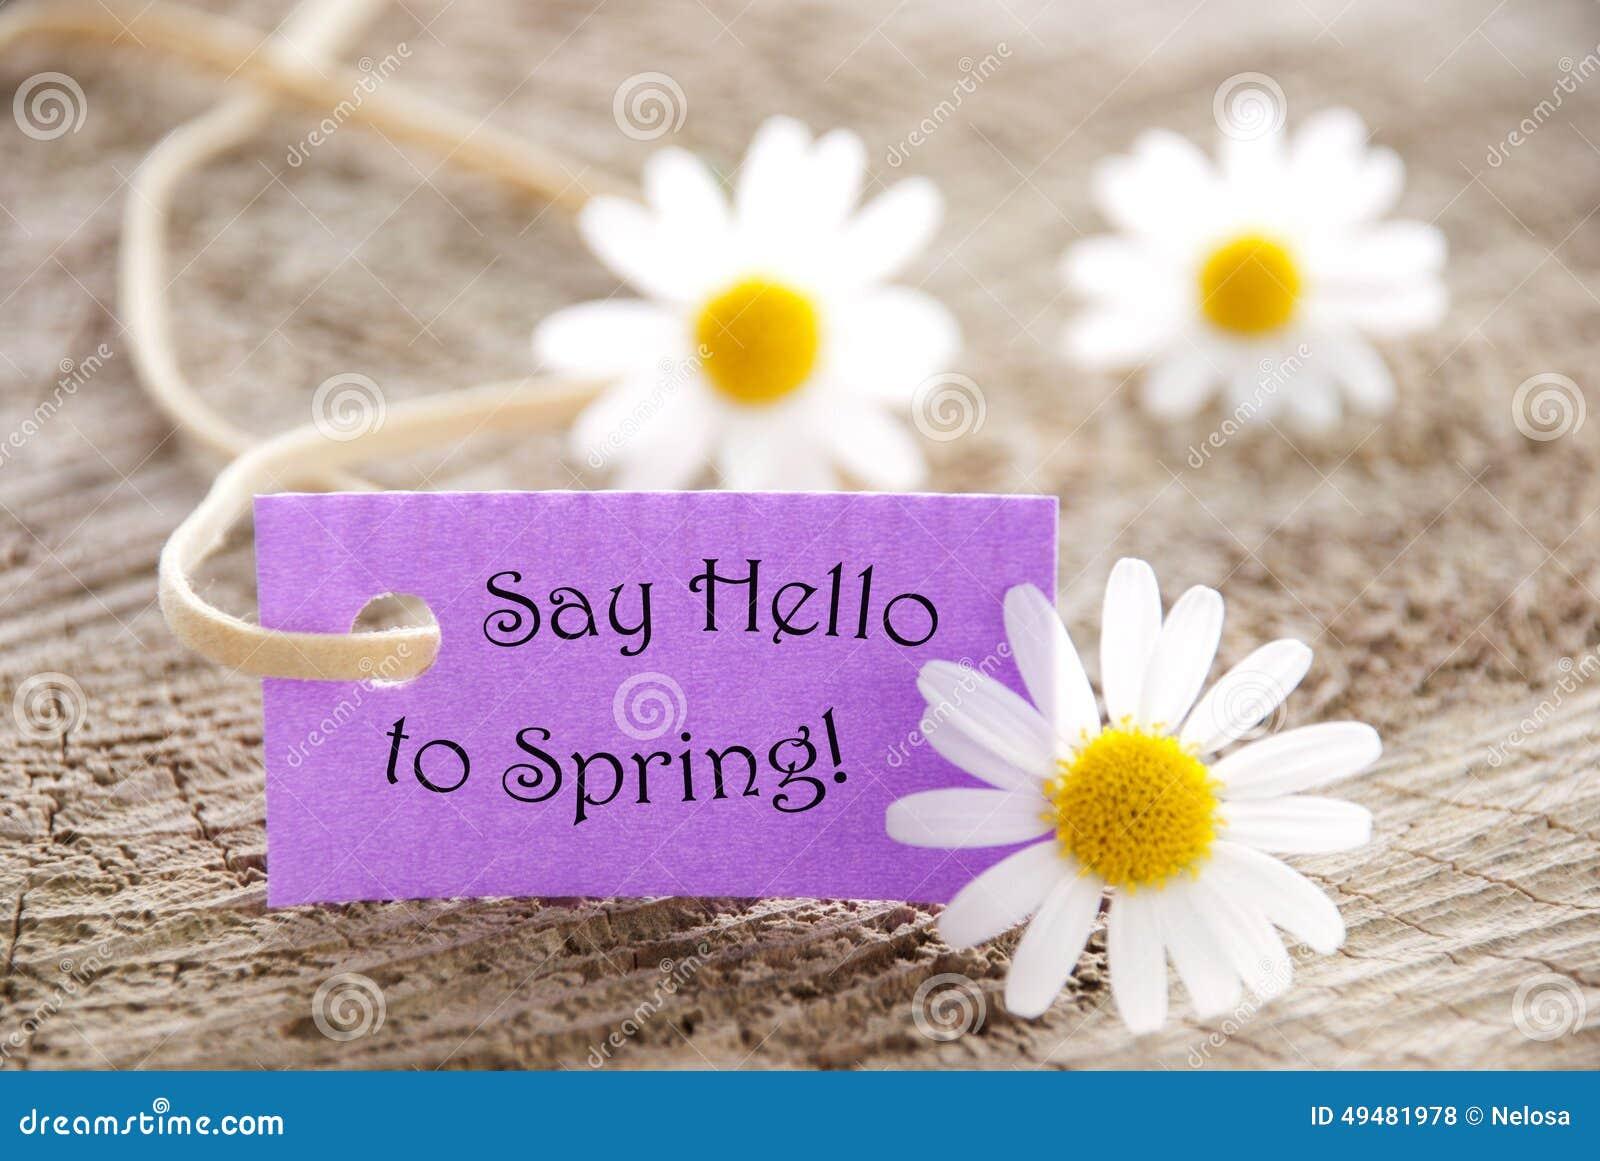 与生活行情的紫色标签向春天和延命菊开花问好